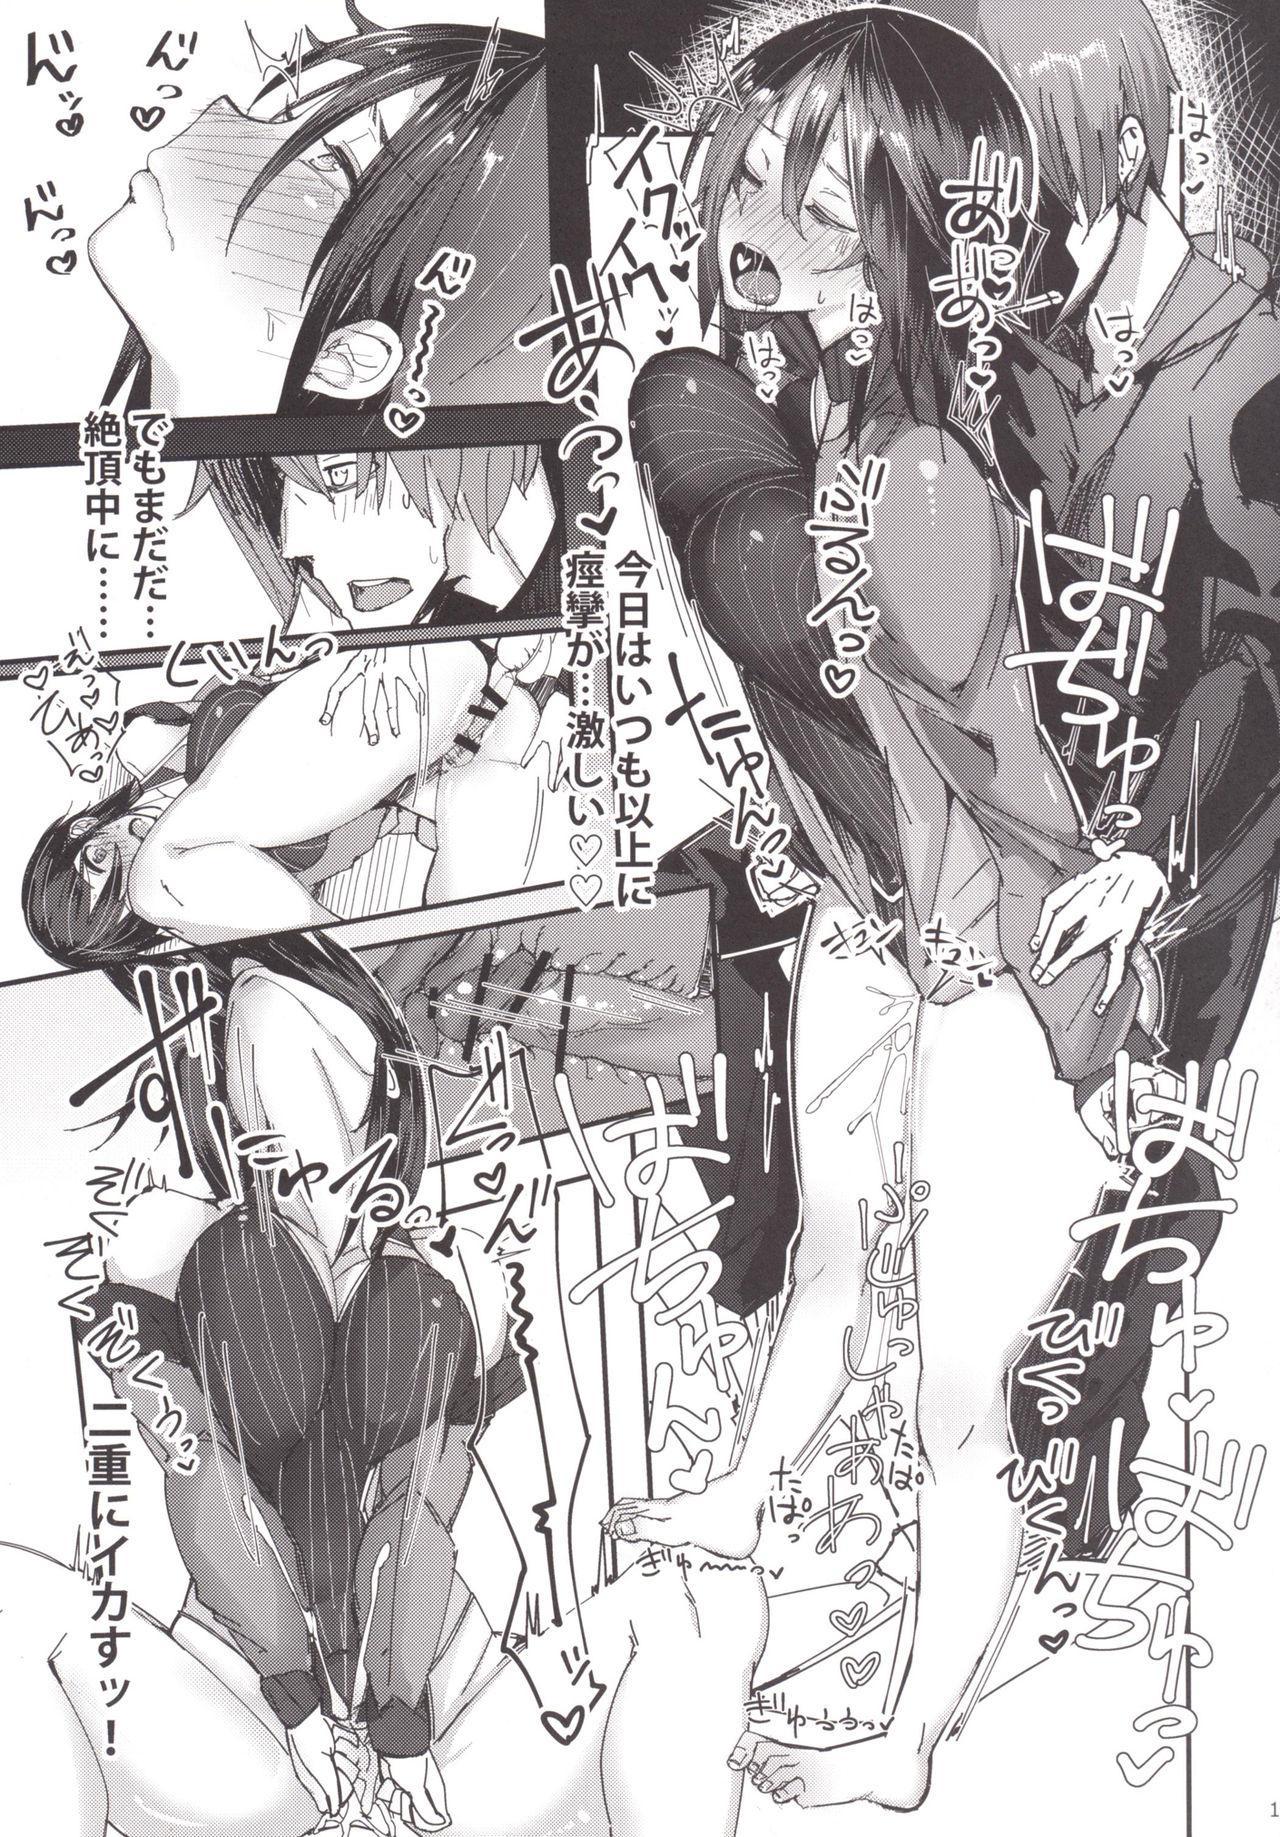 Kimi no Taisetsu na Mono ga Hoshii. 13